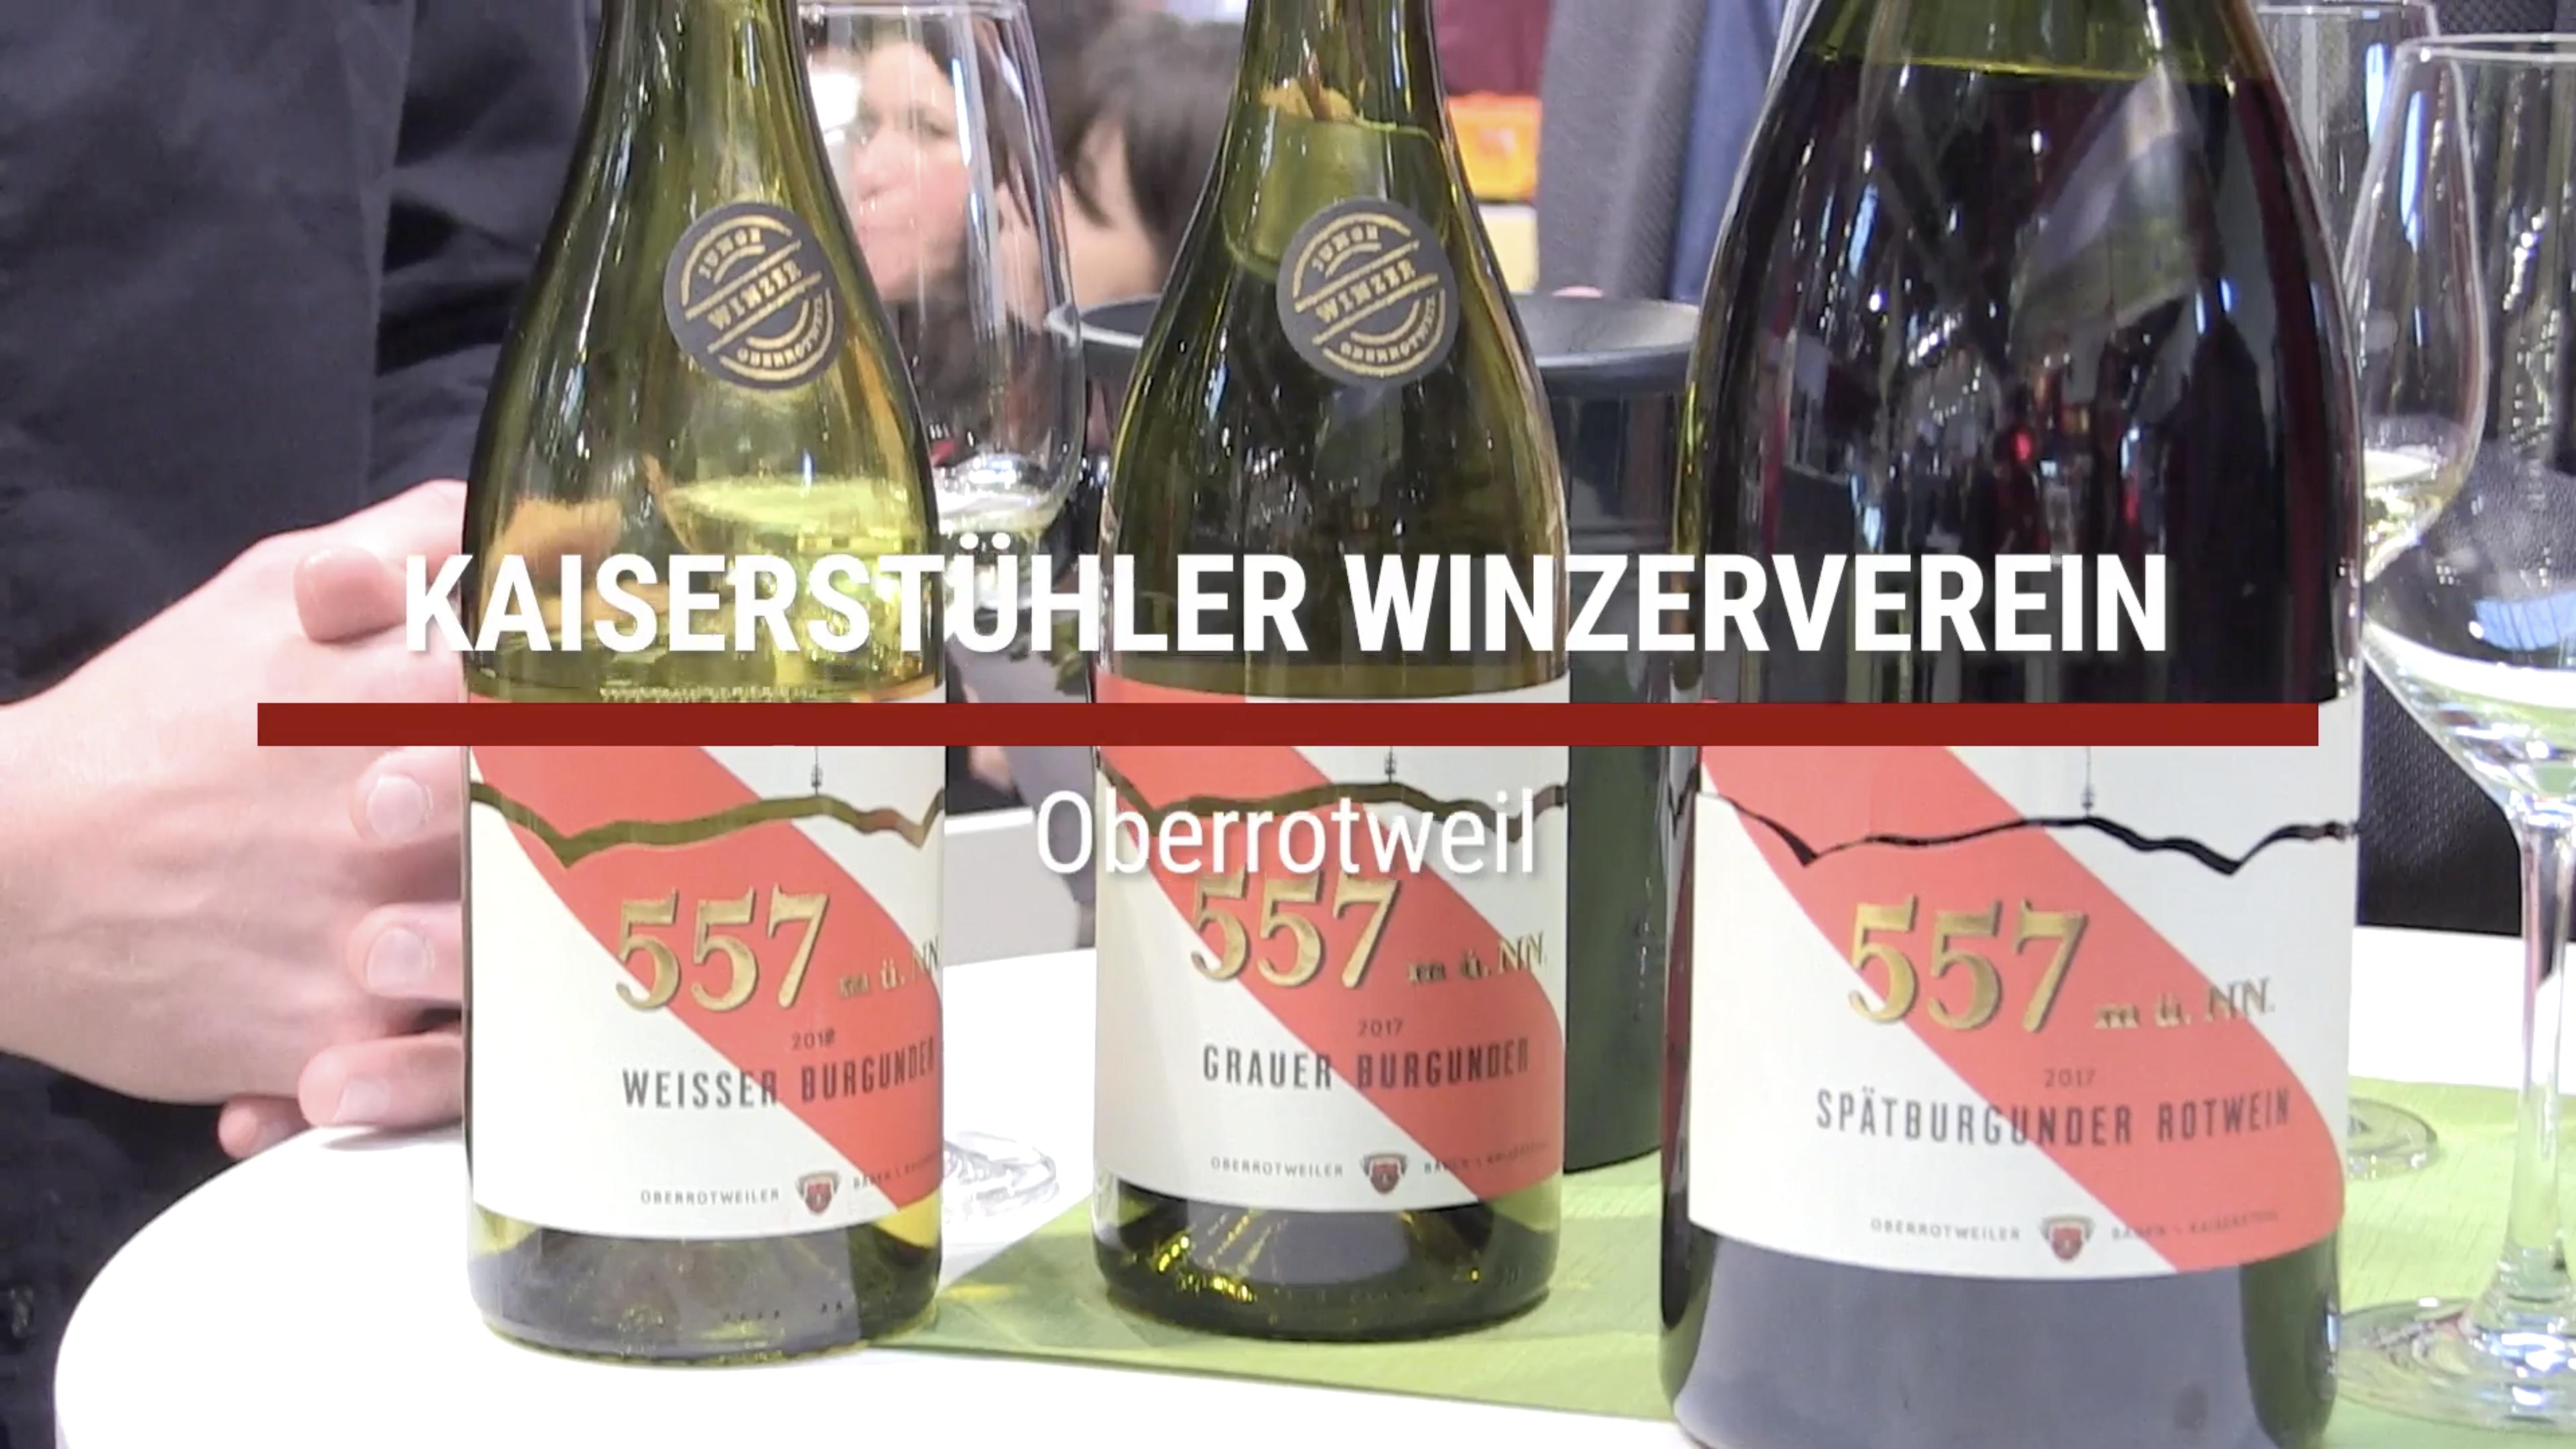 Kaiserstühler Winzerverein Oberrotweil – Baden